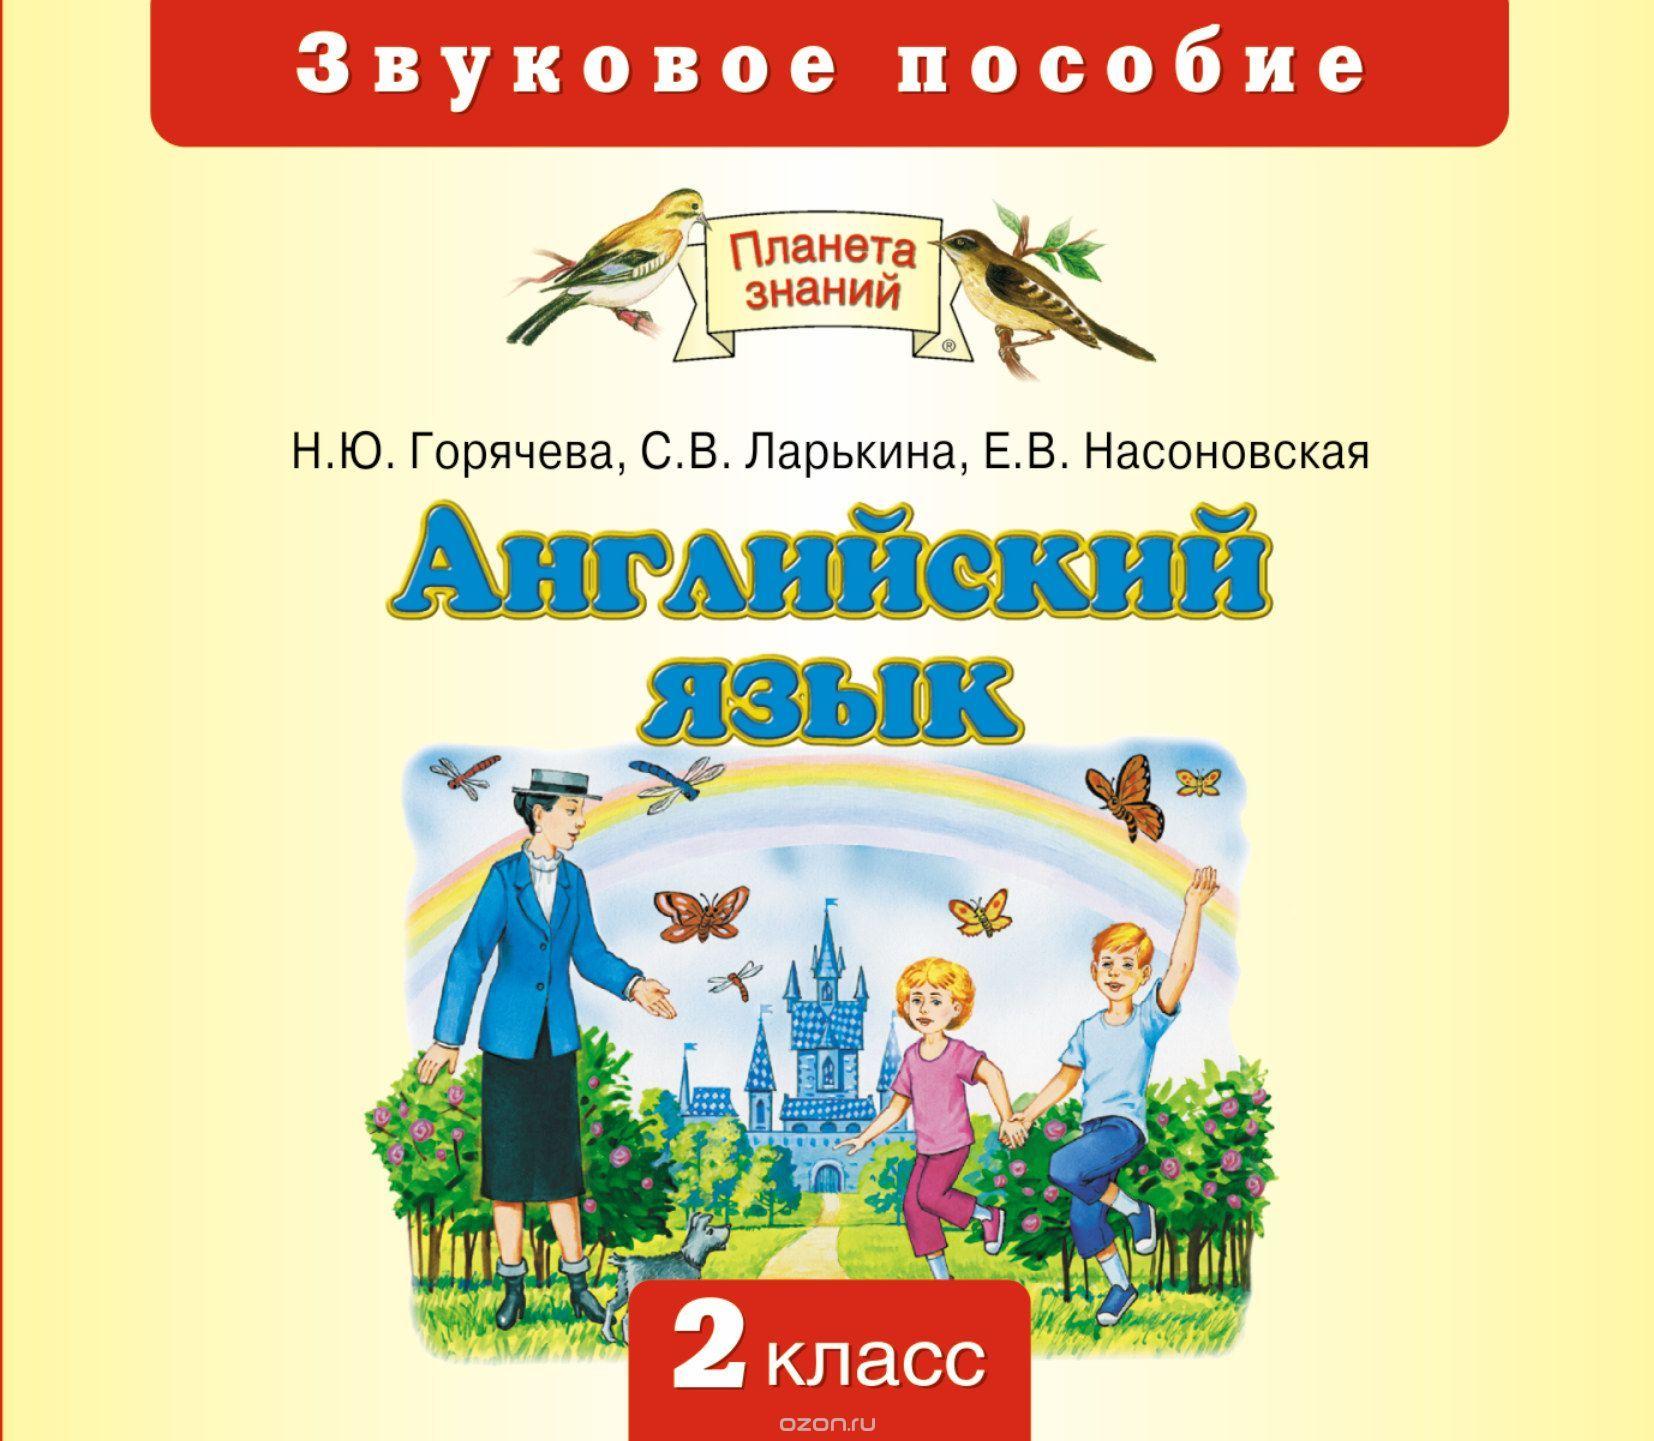 сокольникова 2 класс учебник скачать торрент